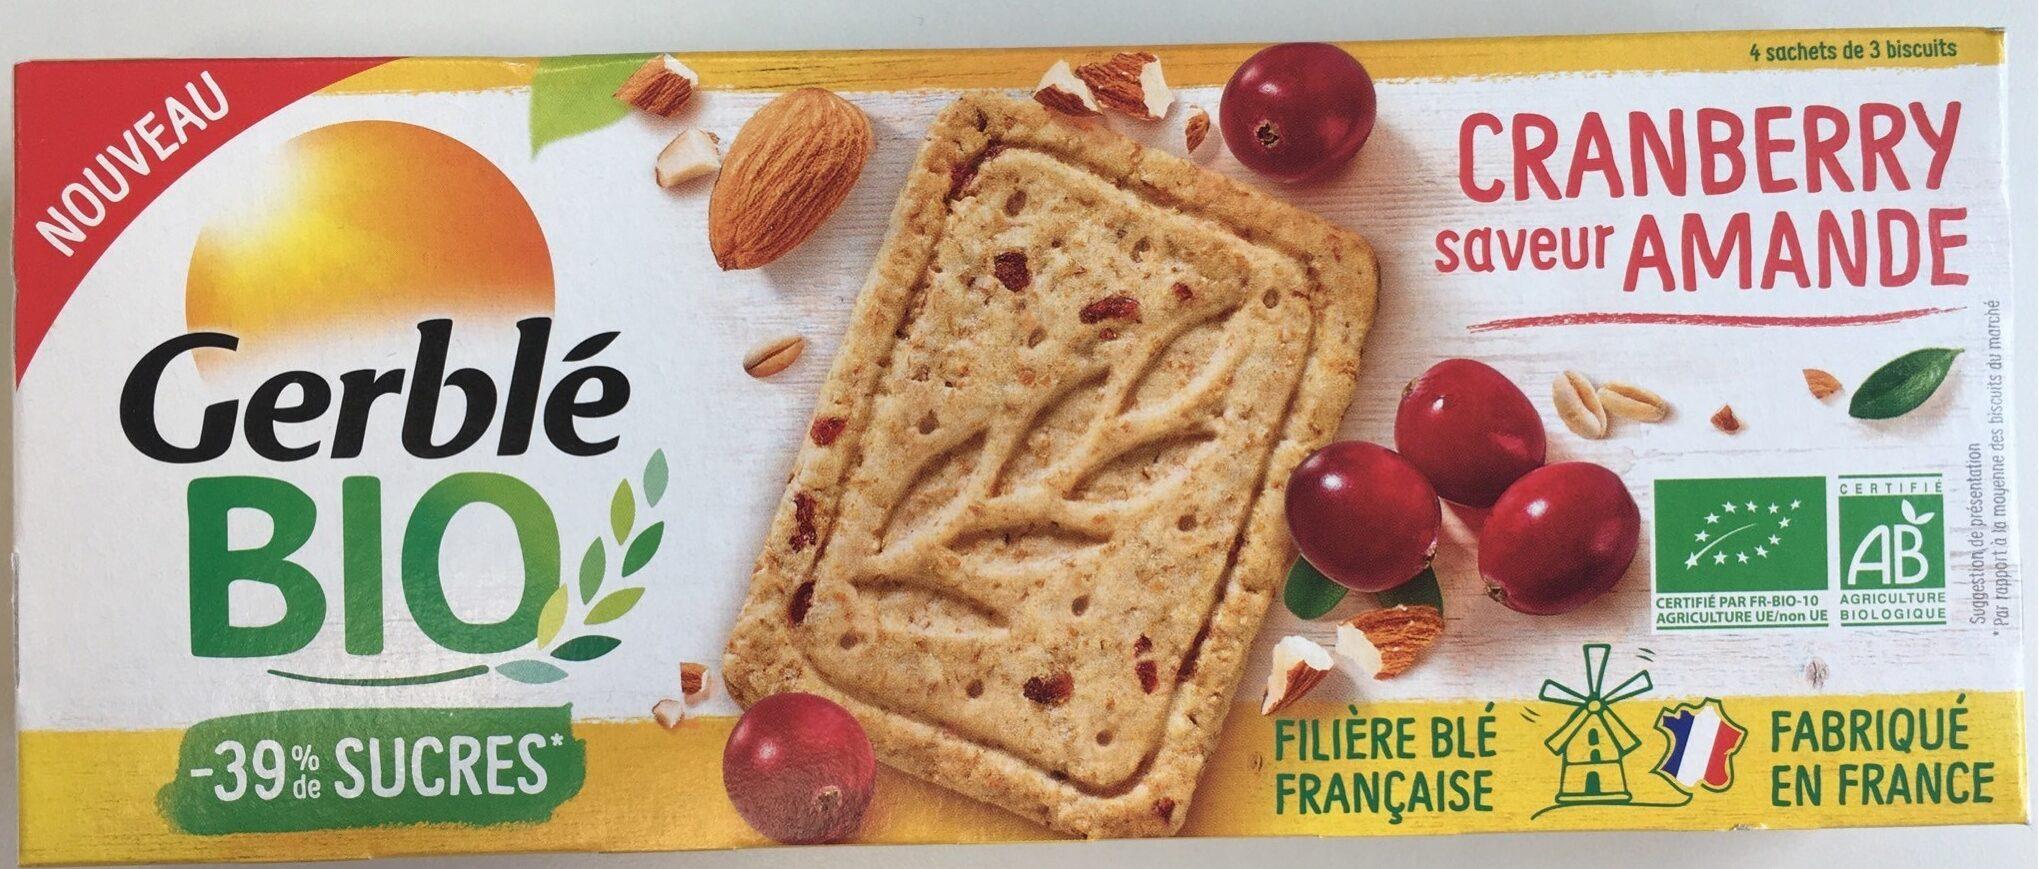 Gerblé bio cranberry saveur amande - Produit - fr